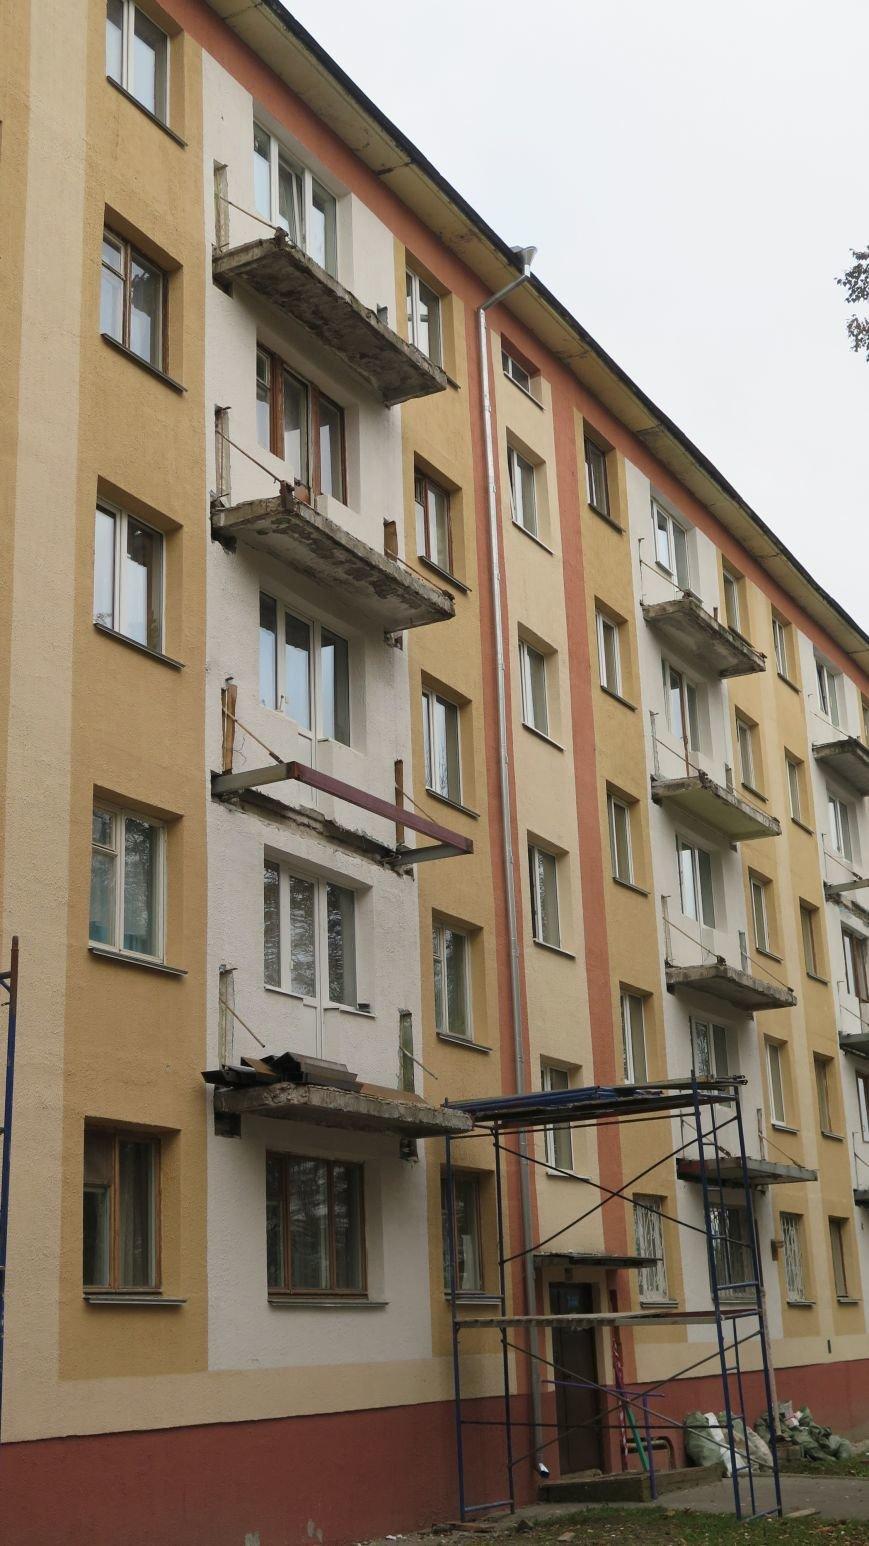 Успеет ли «ТРЕСТ №22 г.Новополоцк» окончить ремонт балконов в заявленные сроки?!, фото-7